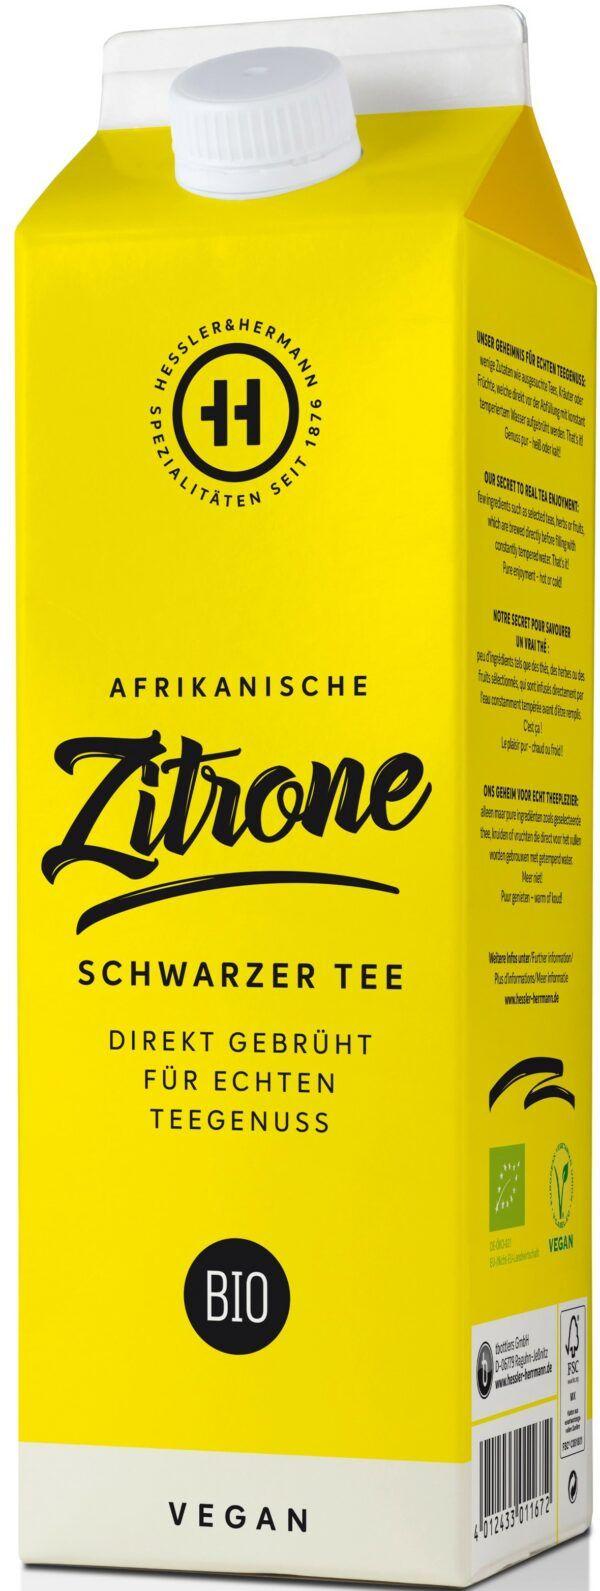 Hessler & Herrmann BIO Schwarzteegetränk Afrikanische Zitrone 8x1l